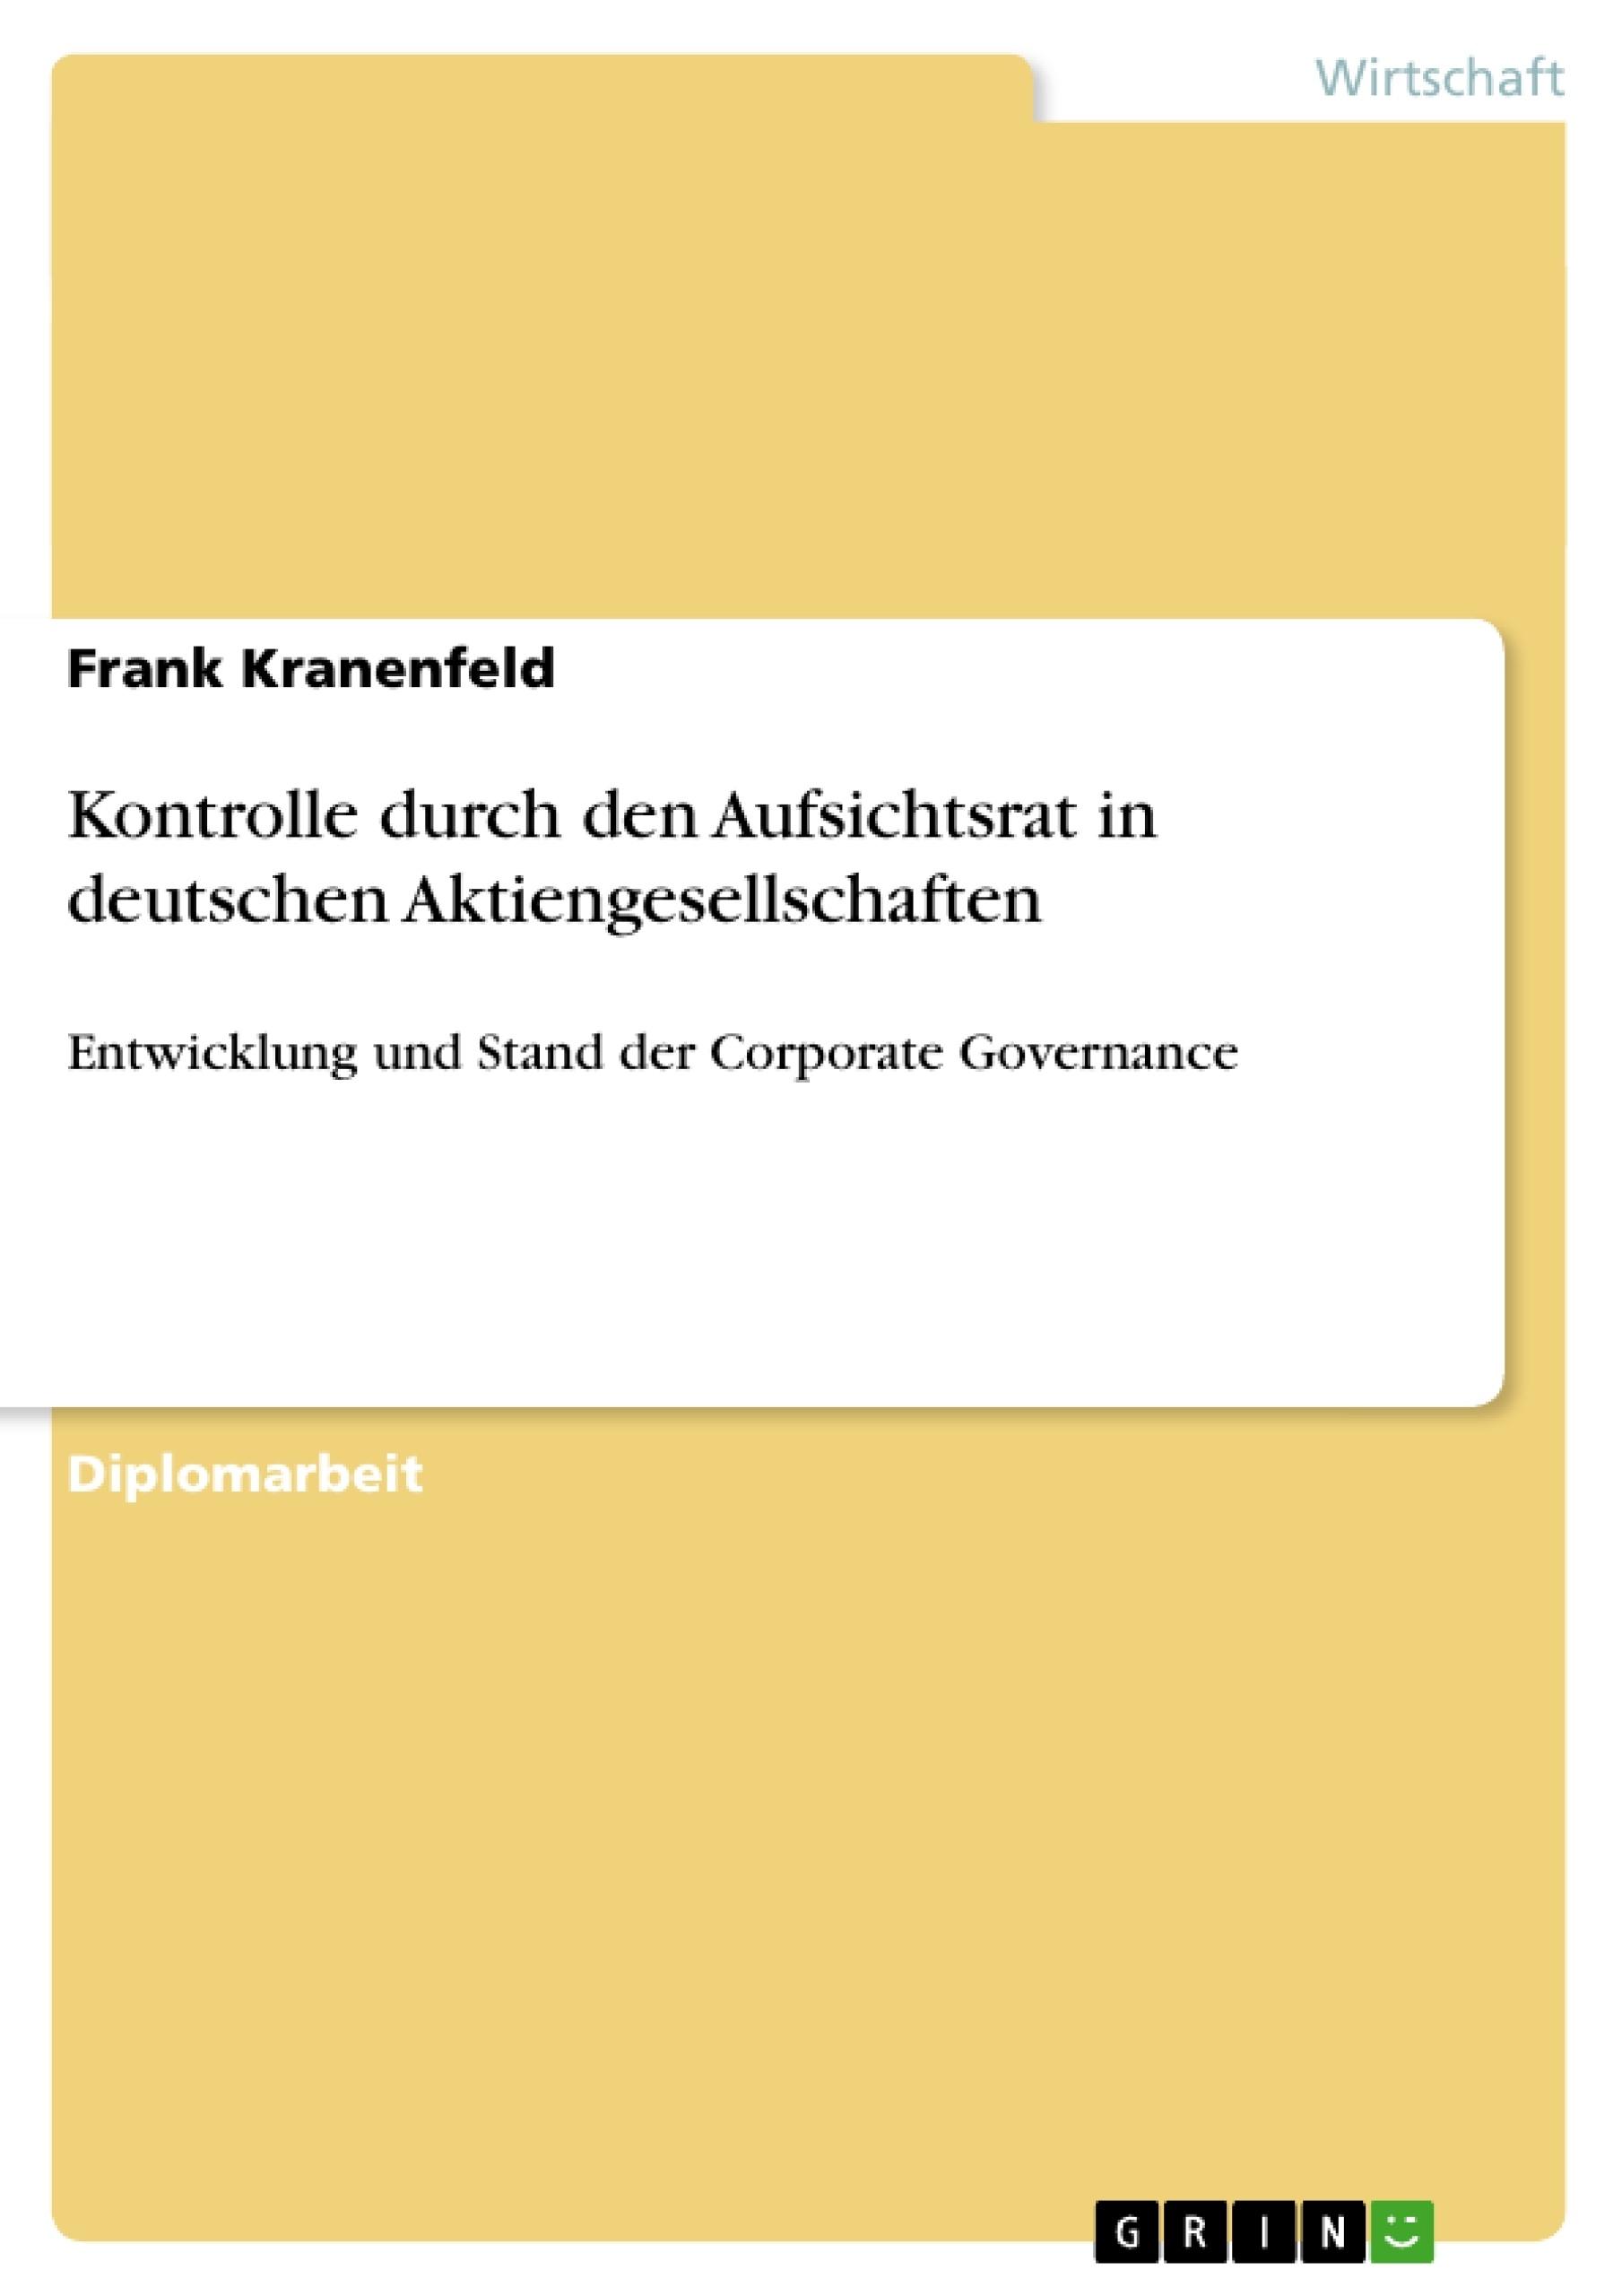 Titel: Kontrolle durch den Aufsichtsrat in deutschen Aktiengesellschaften